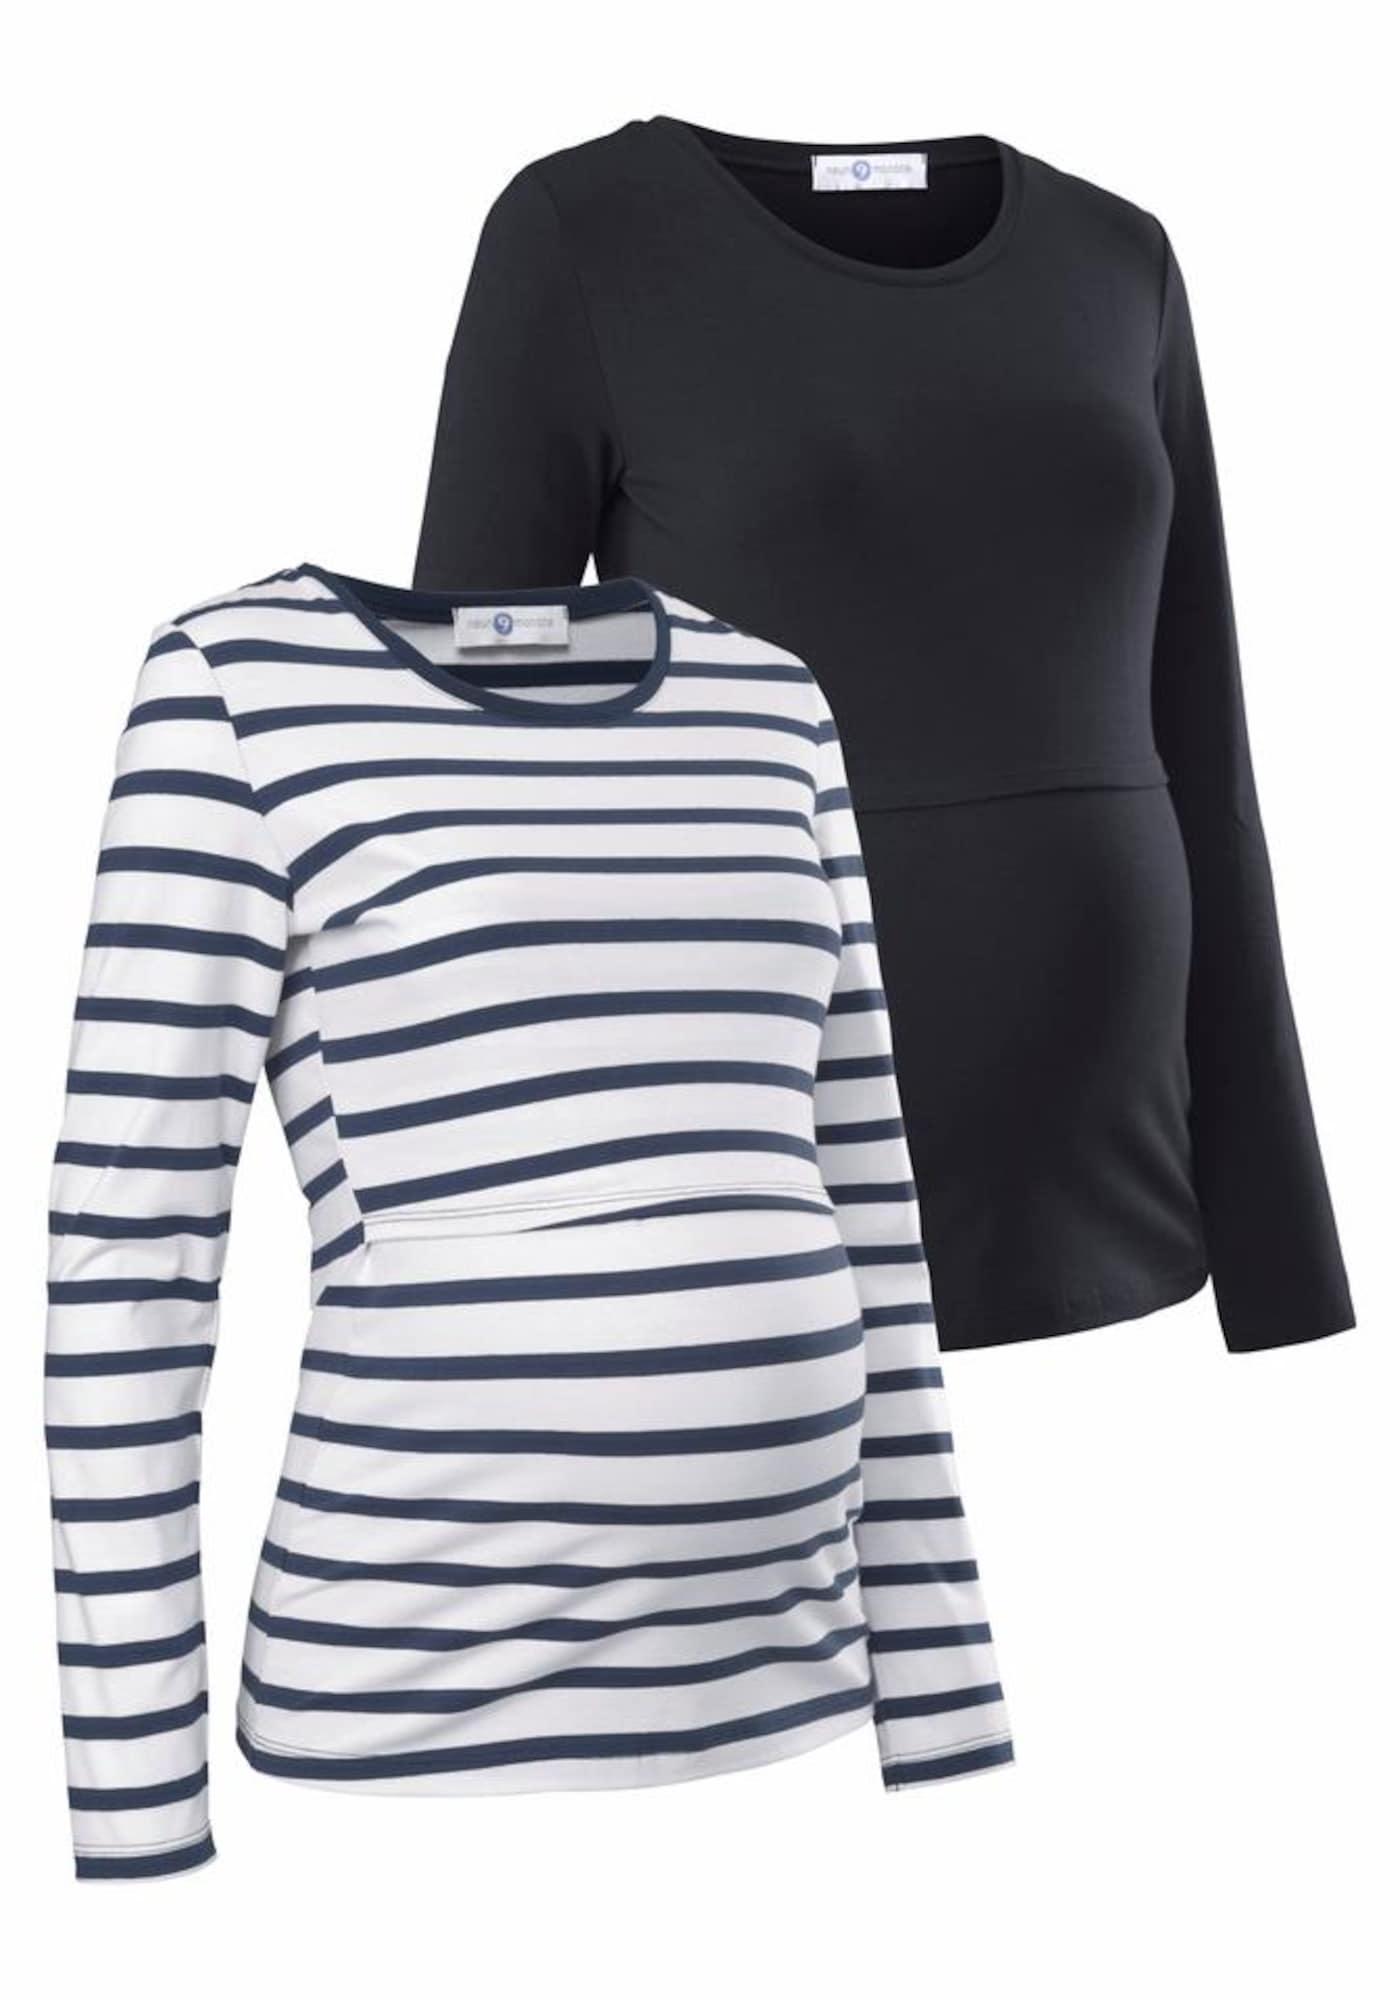 Umstandsshirt | Bekleidung > Umstandsmode > Umstandsshirts | Blau - Schwarz - Weiß | neun monate